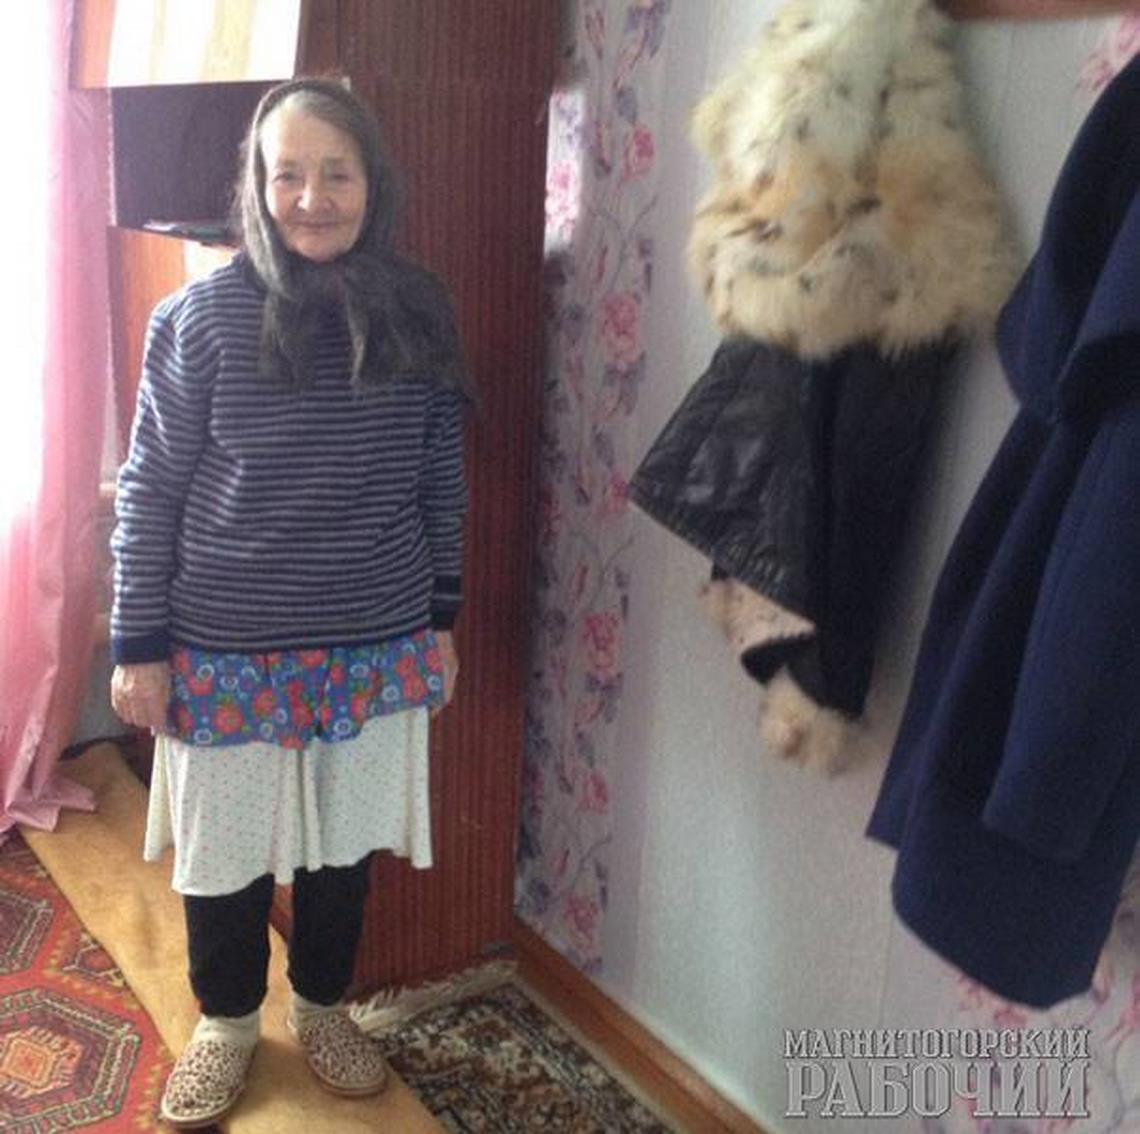 Живет мирно. Пенсионерка, не помнящая как очутилась в Магнитогорске, обрела новую семью